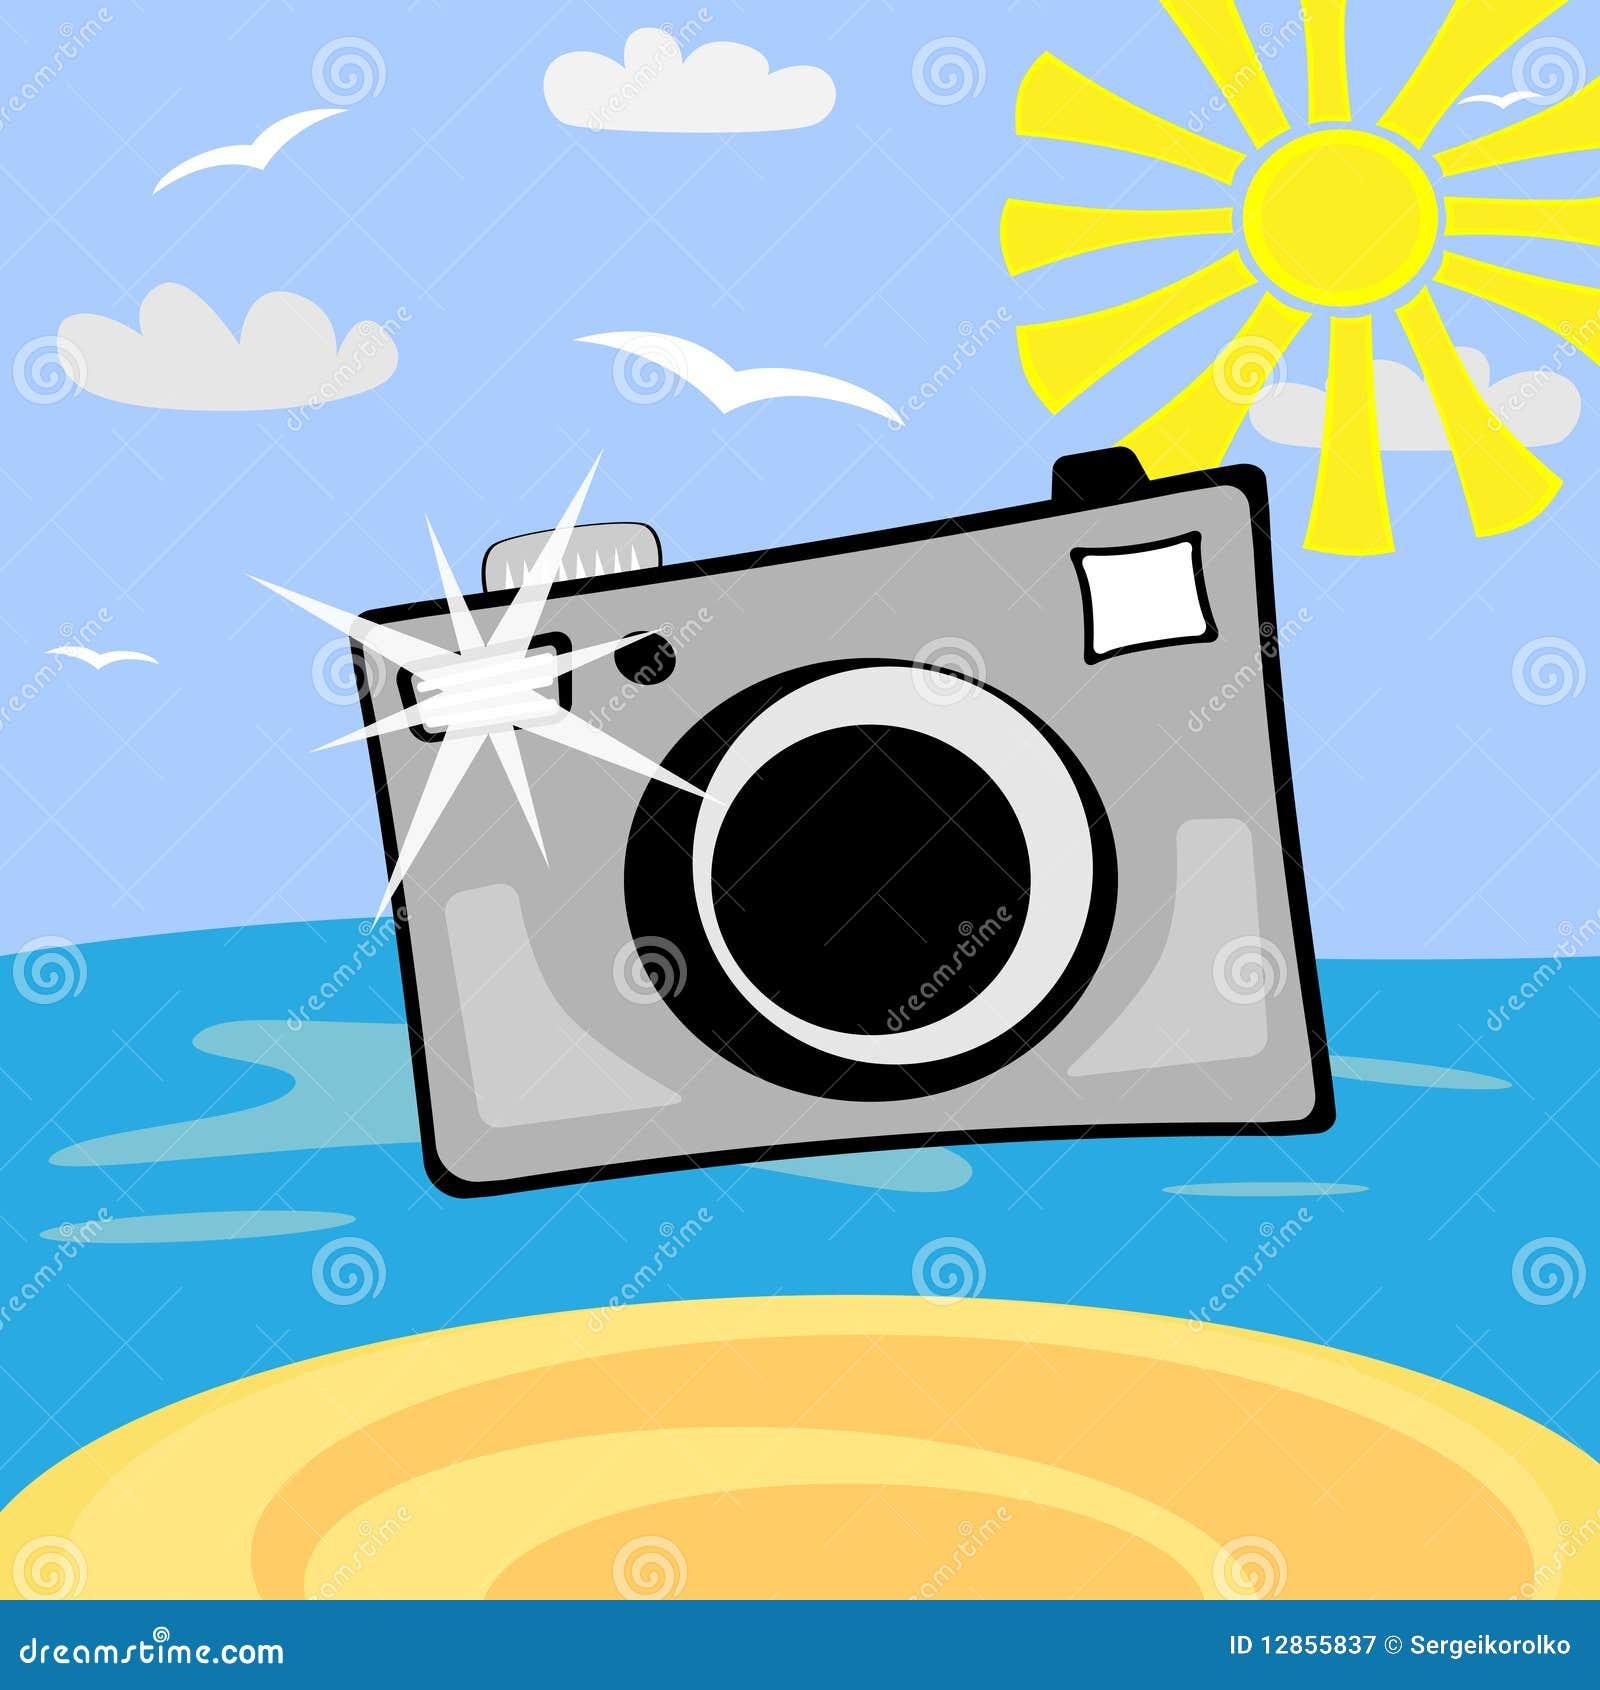 appareil photo de photo de dessin anim photographie stock libre de droits image 12855837. Black Bedroom Furniture Sets. Home Design Ideas